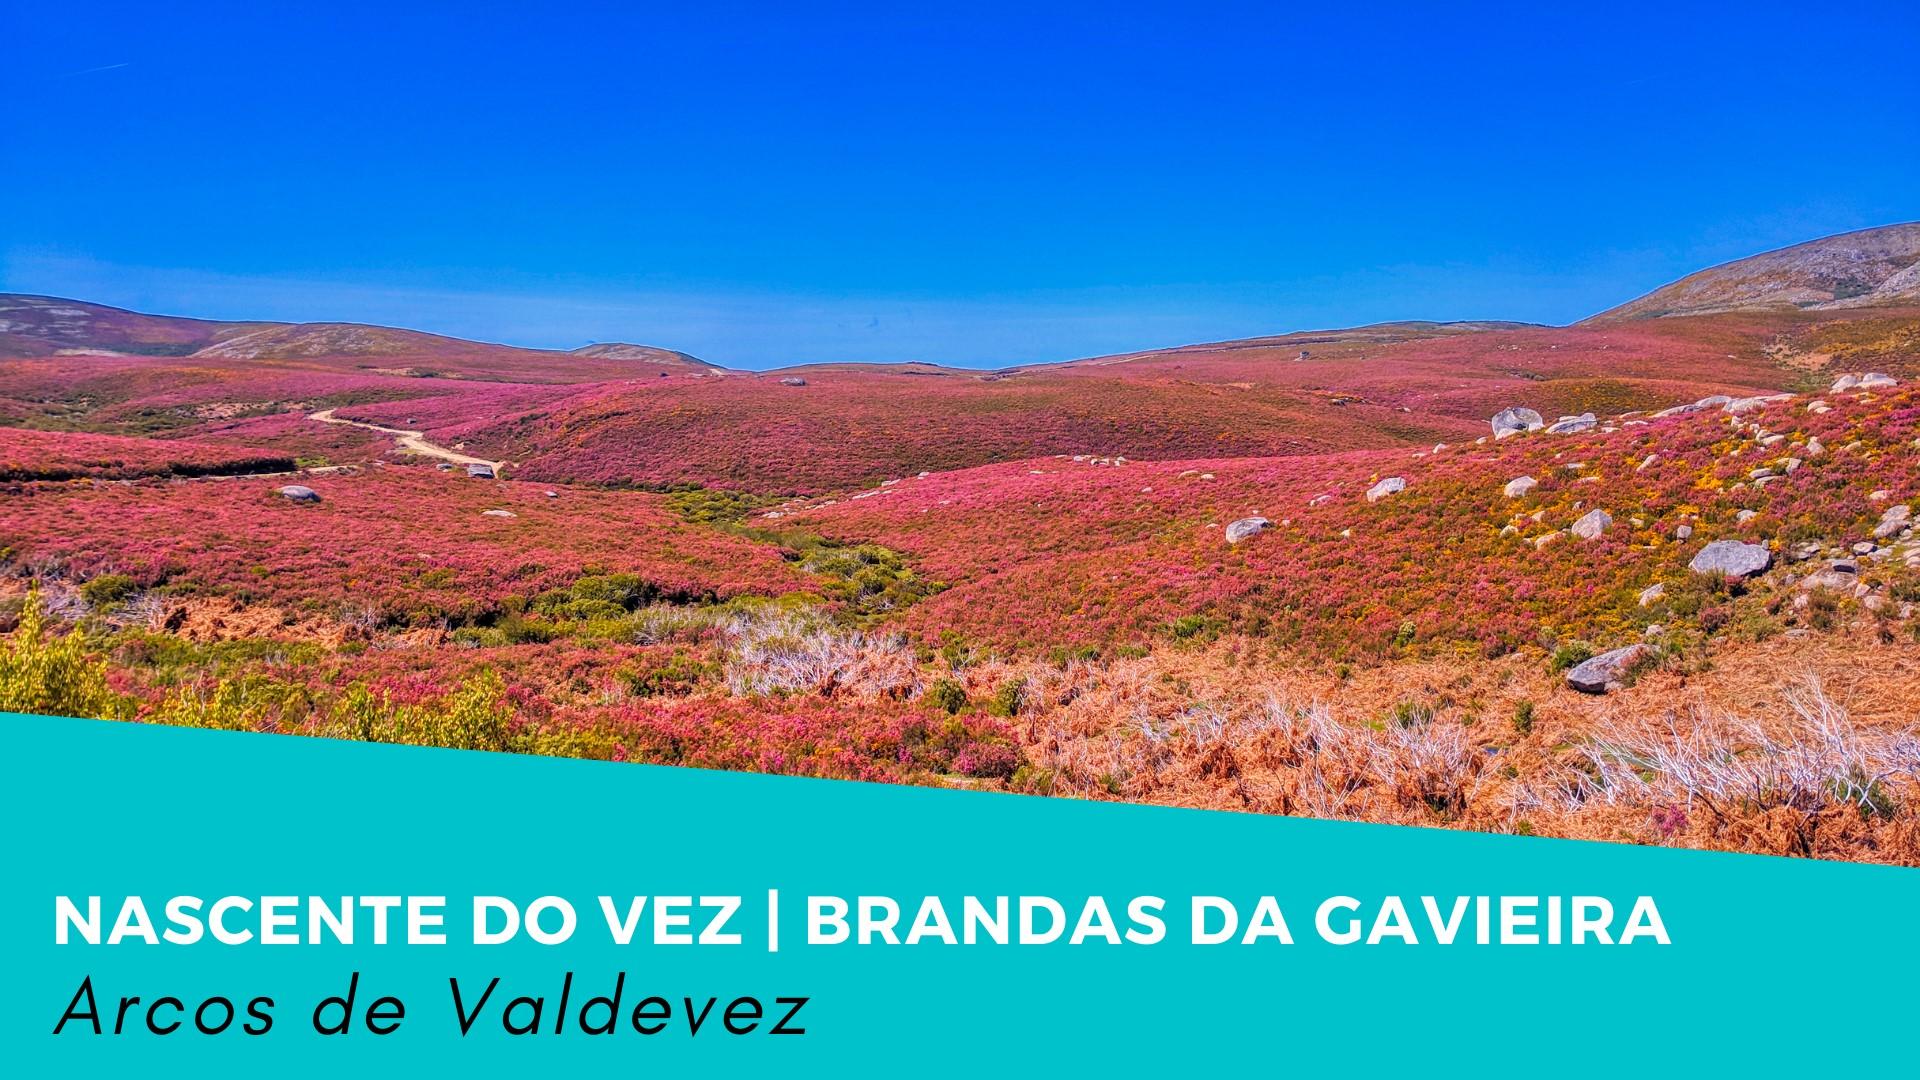 Nascente do Vez + Brandas da Gavieira